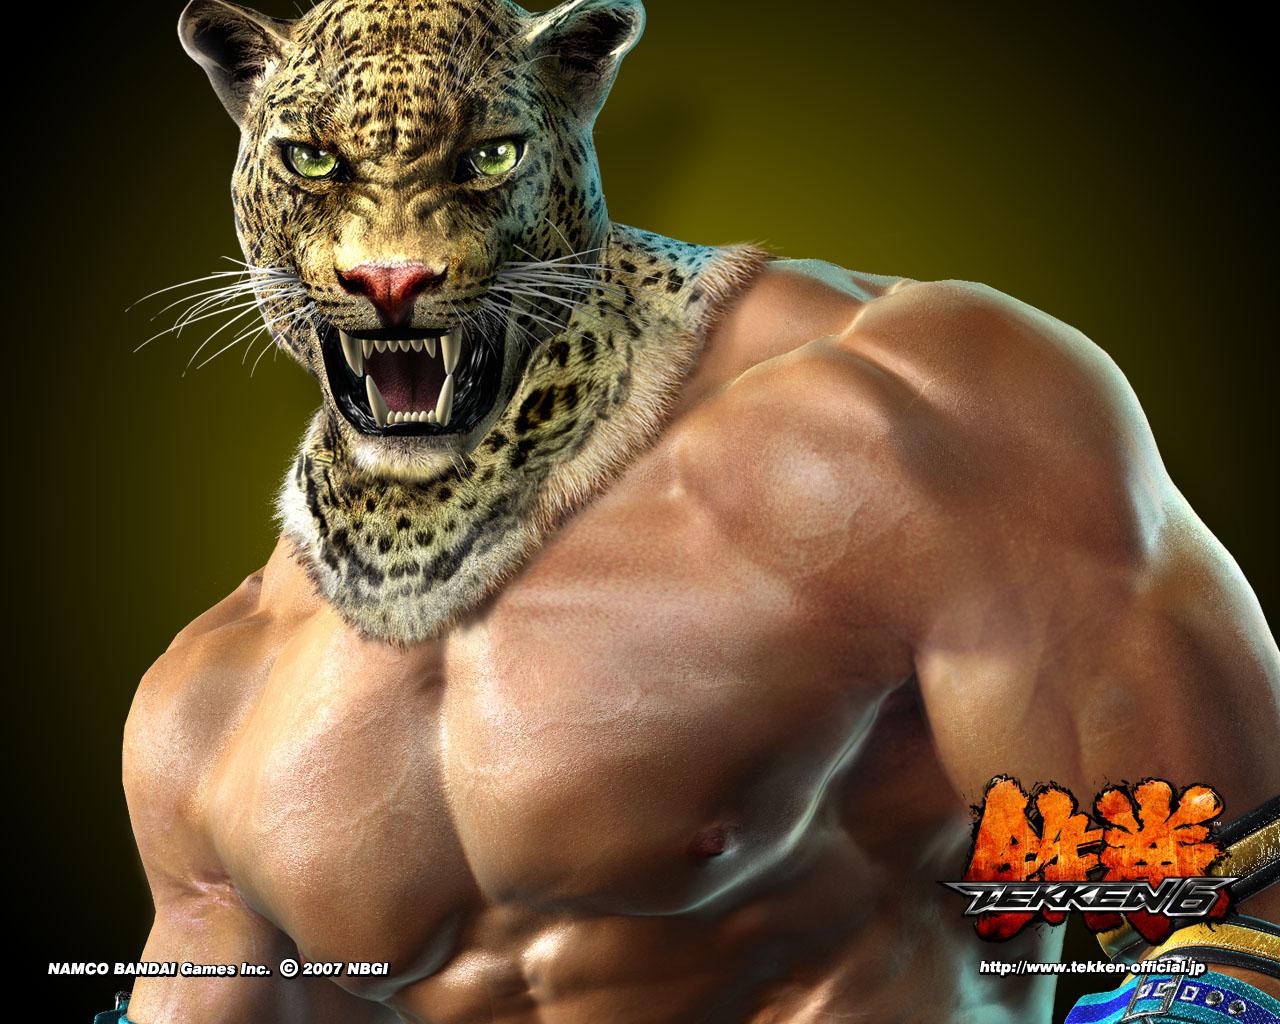 HD Wallpapers King Tekken 6